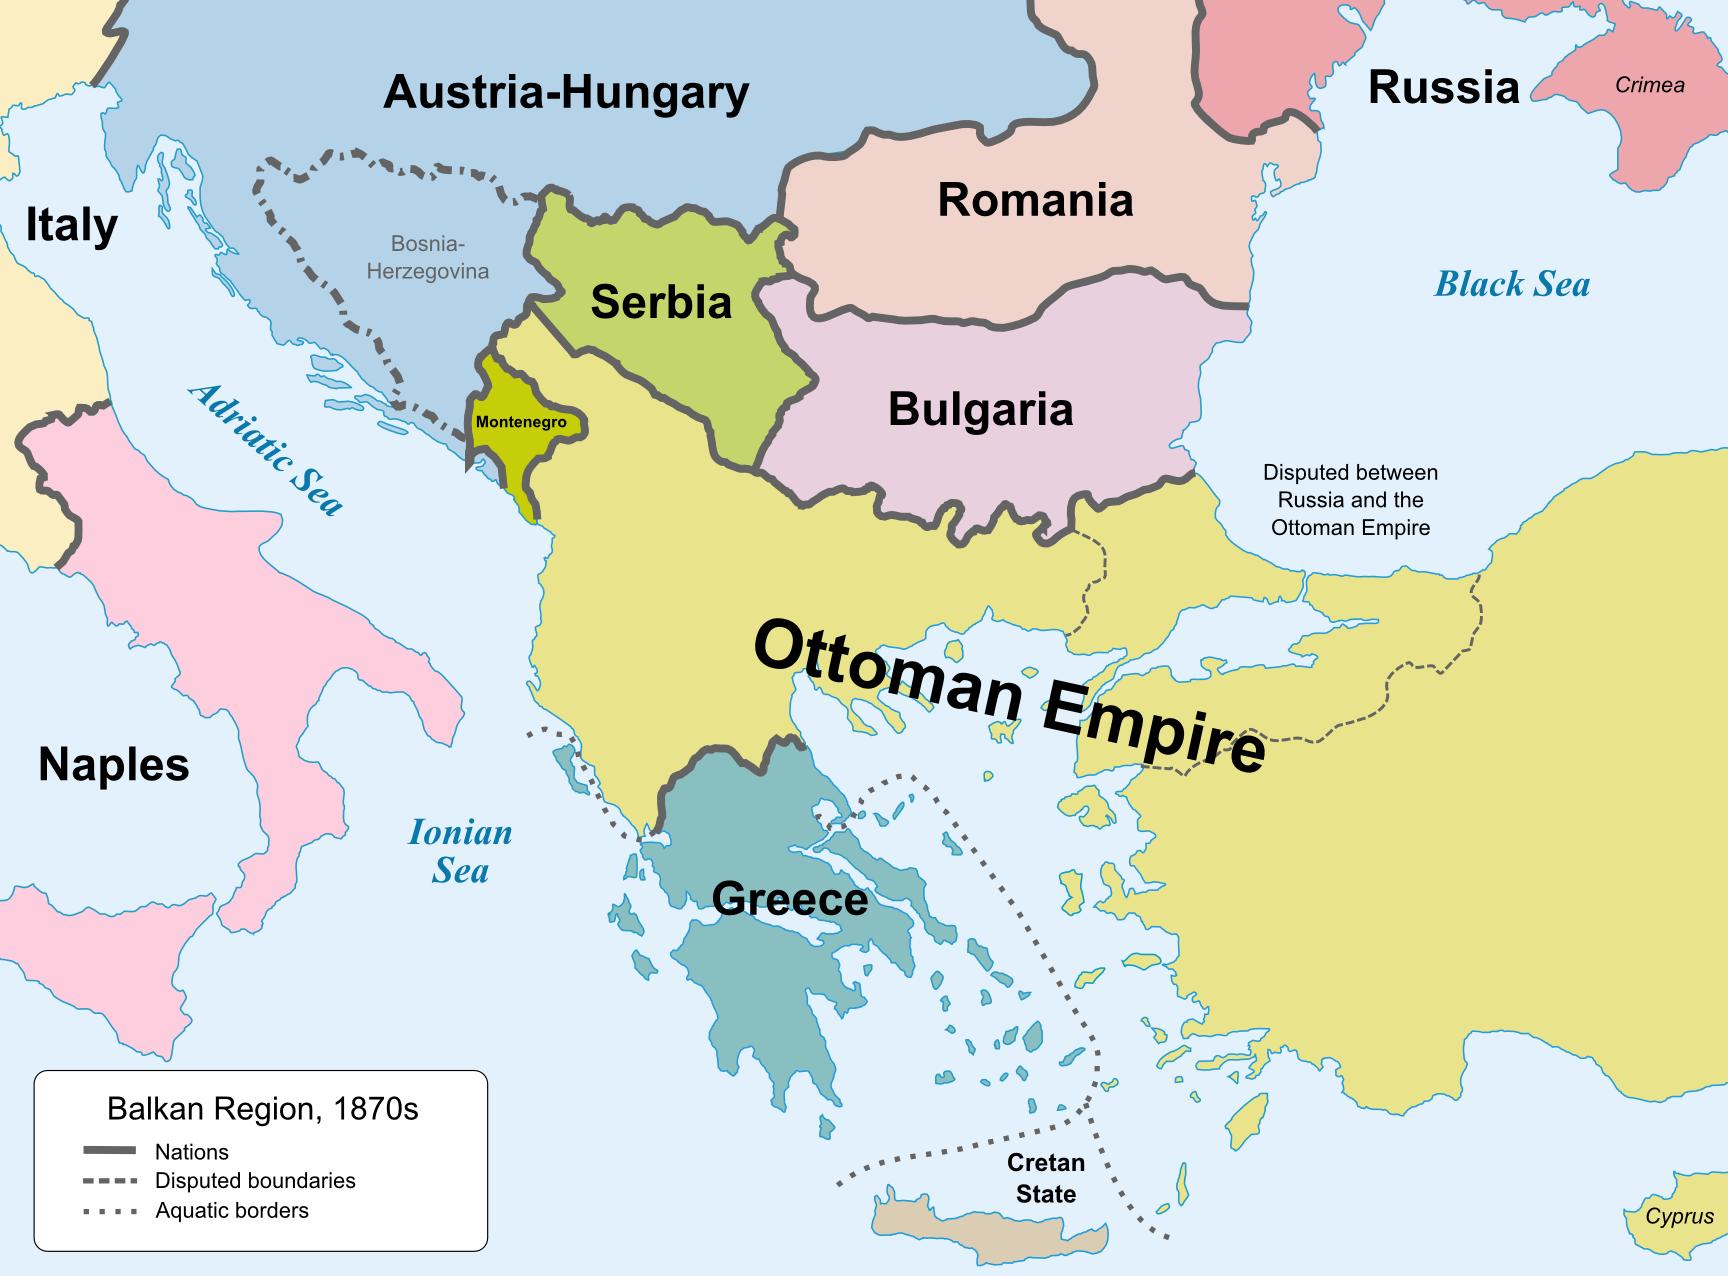 Bosnian crisis of 1908